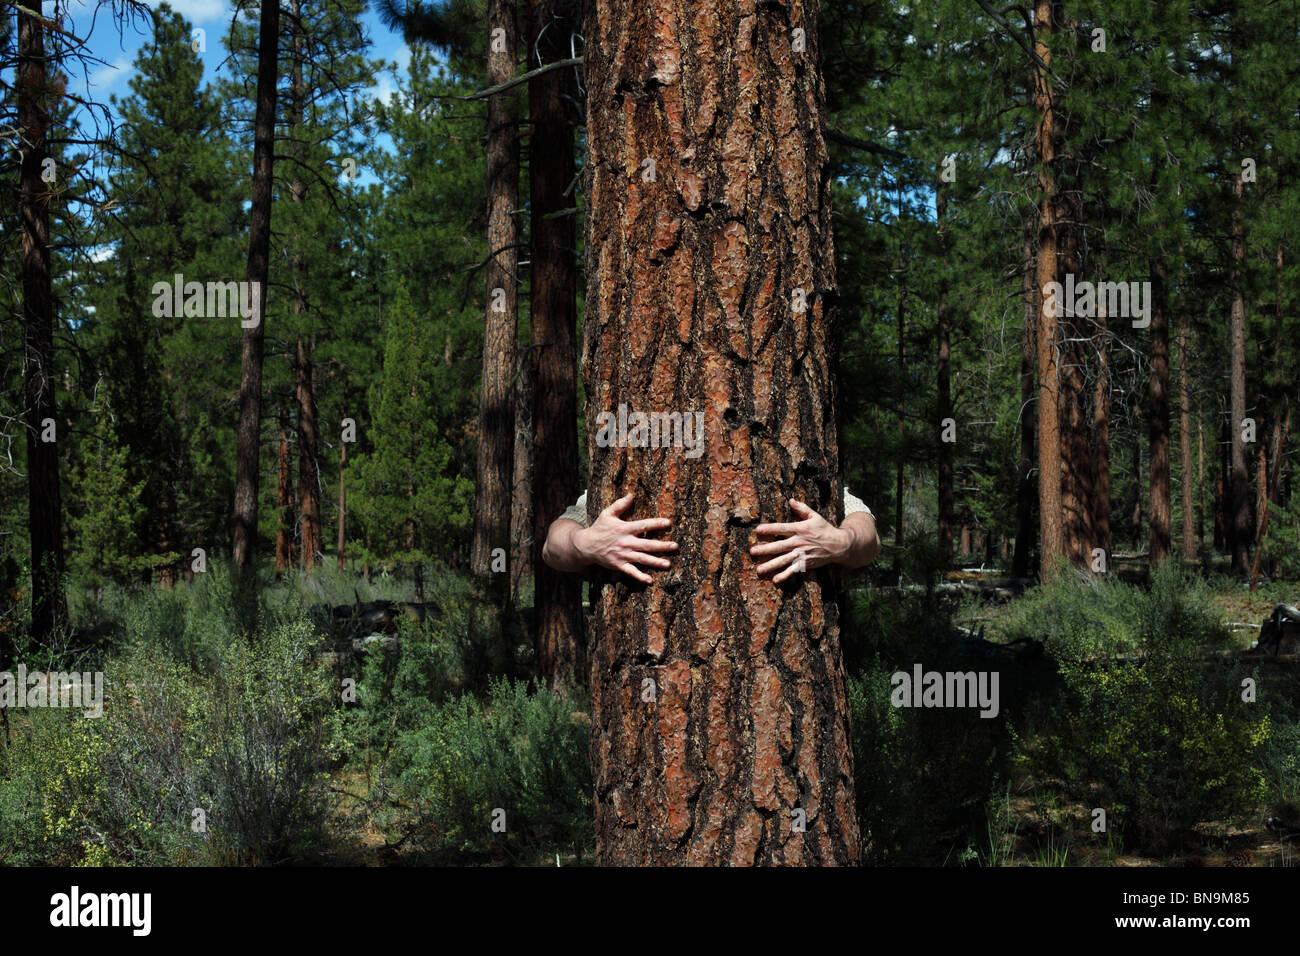 Arme Mann umarmt Baum im Wald Stockbild